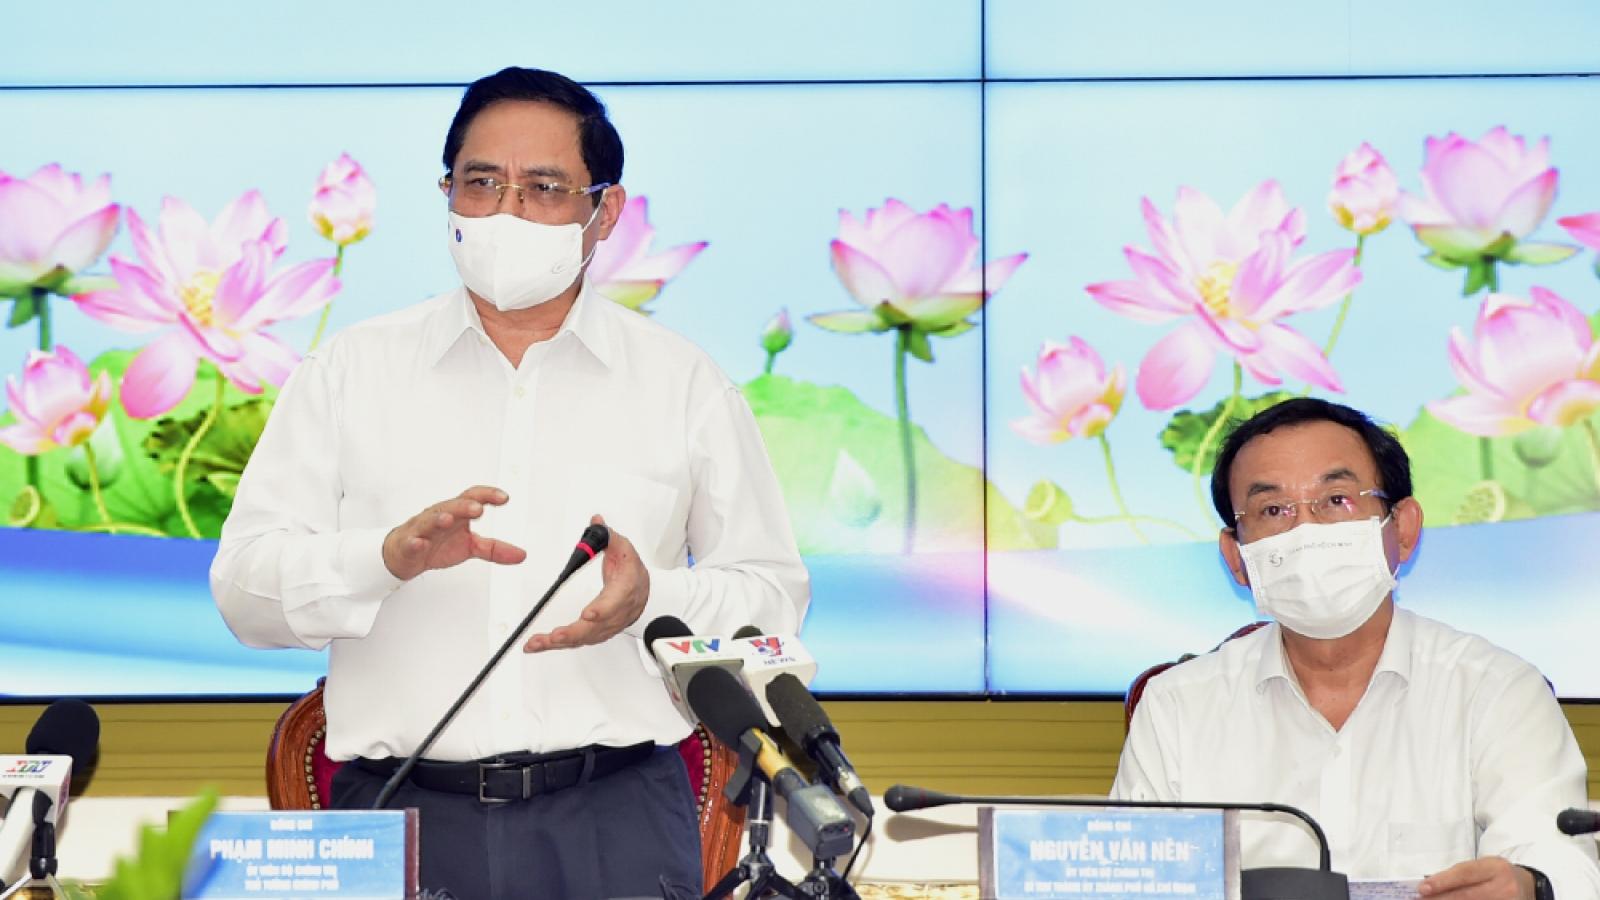 Thủ tướng: Phải có giải pháp đột phá để TPHCM là đầu tàu kinh tế của cả nước